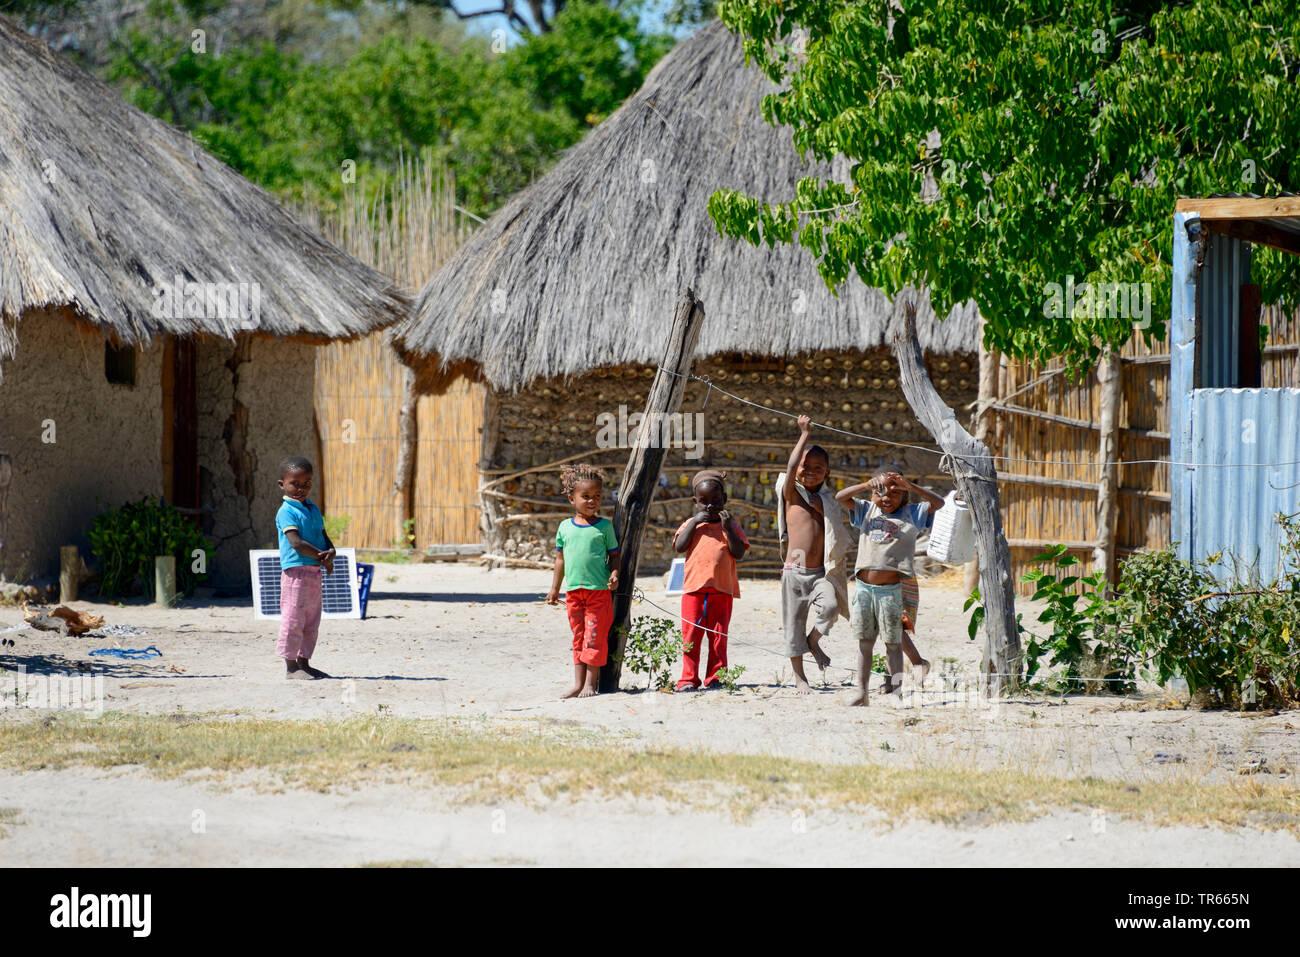 spielende Kinder in einem Dorf, Botswana, Khwai Village   children playing in a village, Botswana, Khwai Village   BLWS474718.jpg [ (c) blickwinkel/Mc - Stock Image